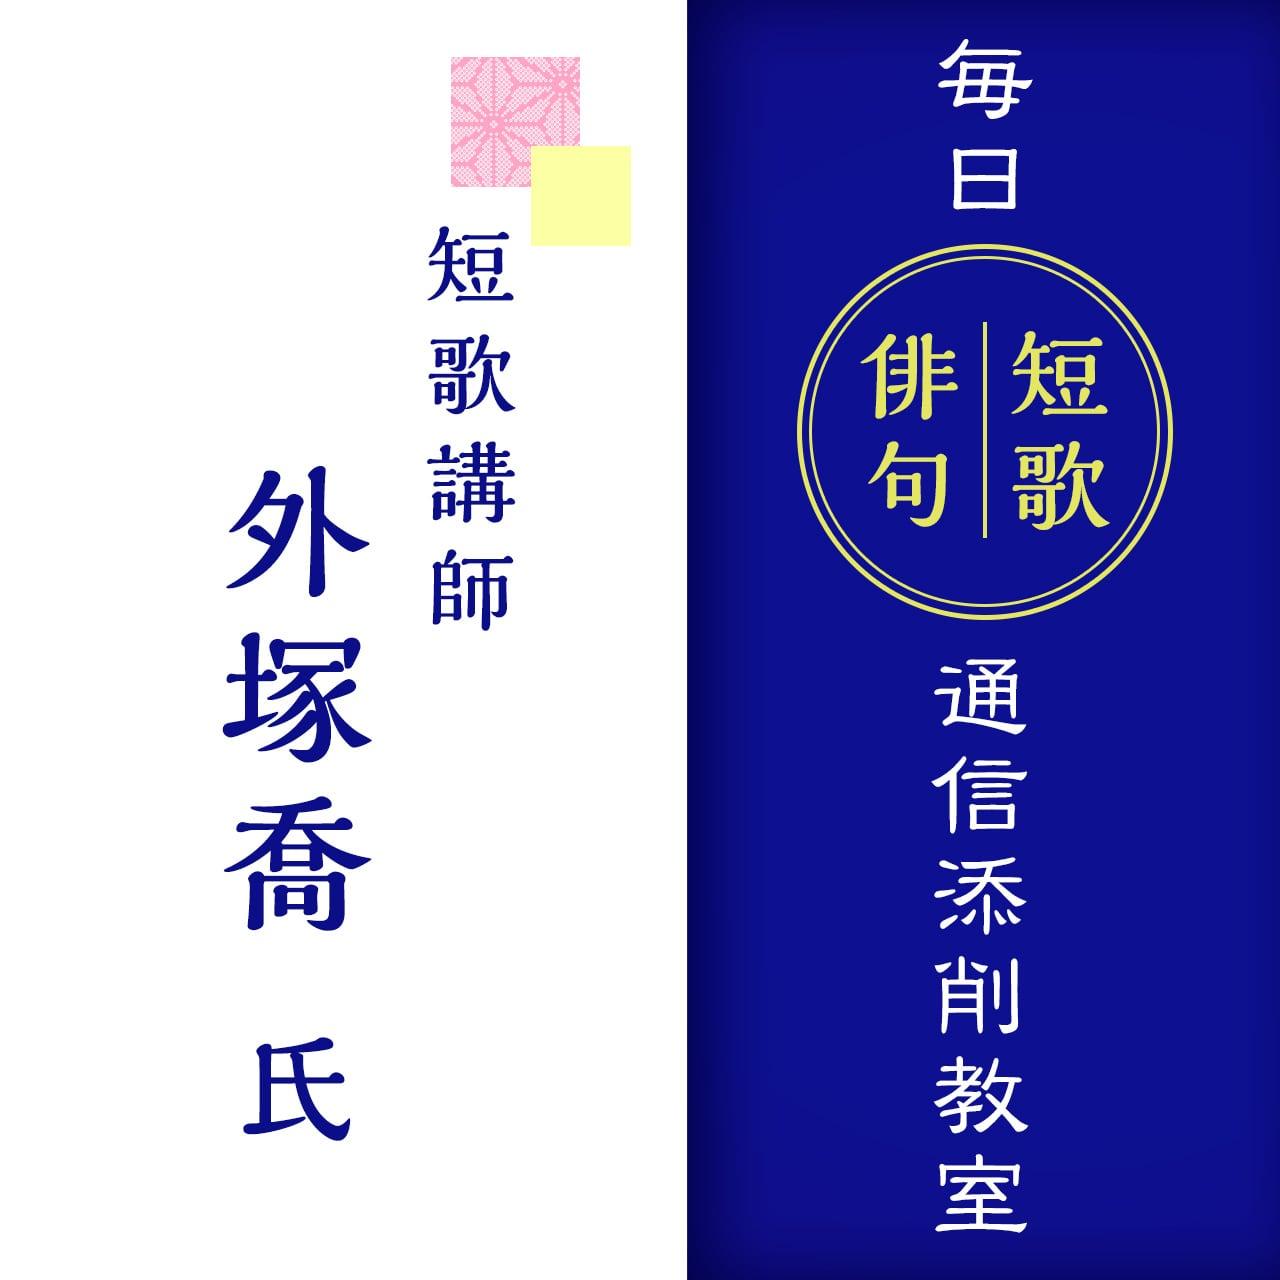 毎日短歌・俳句通信添削教室 1講座6回(6カ月) 短歌講師・外塚喬 氏